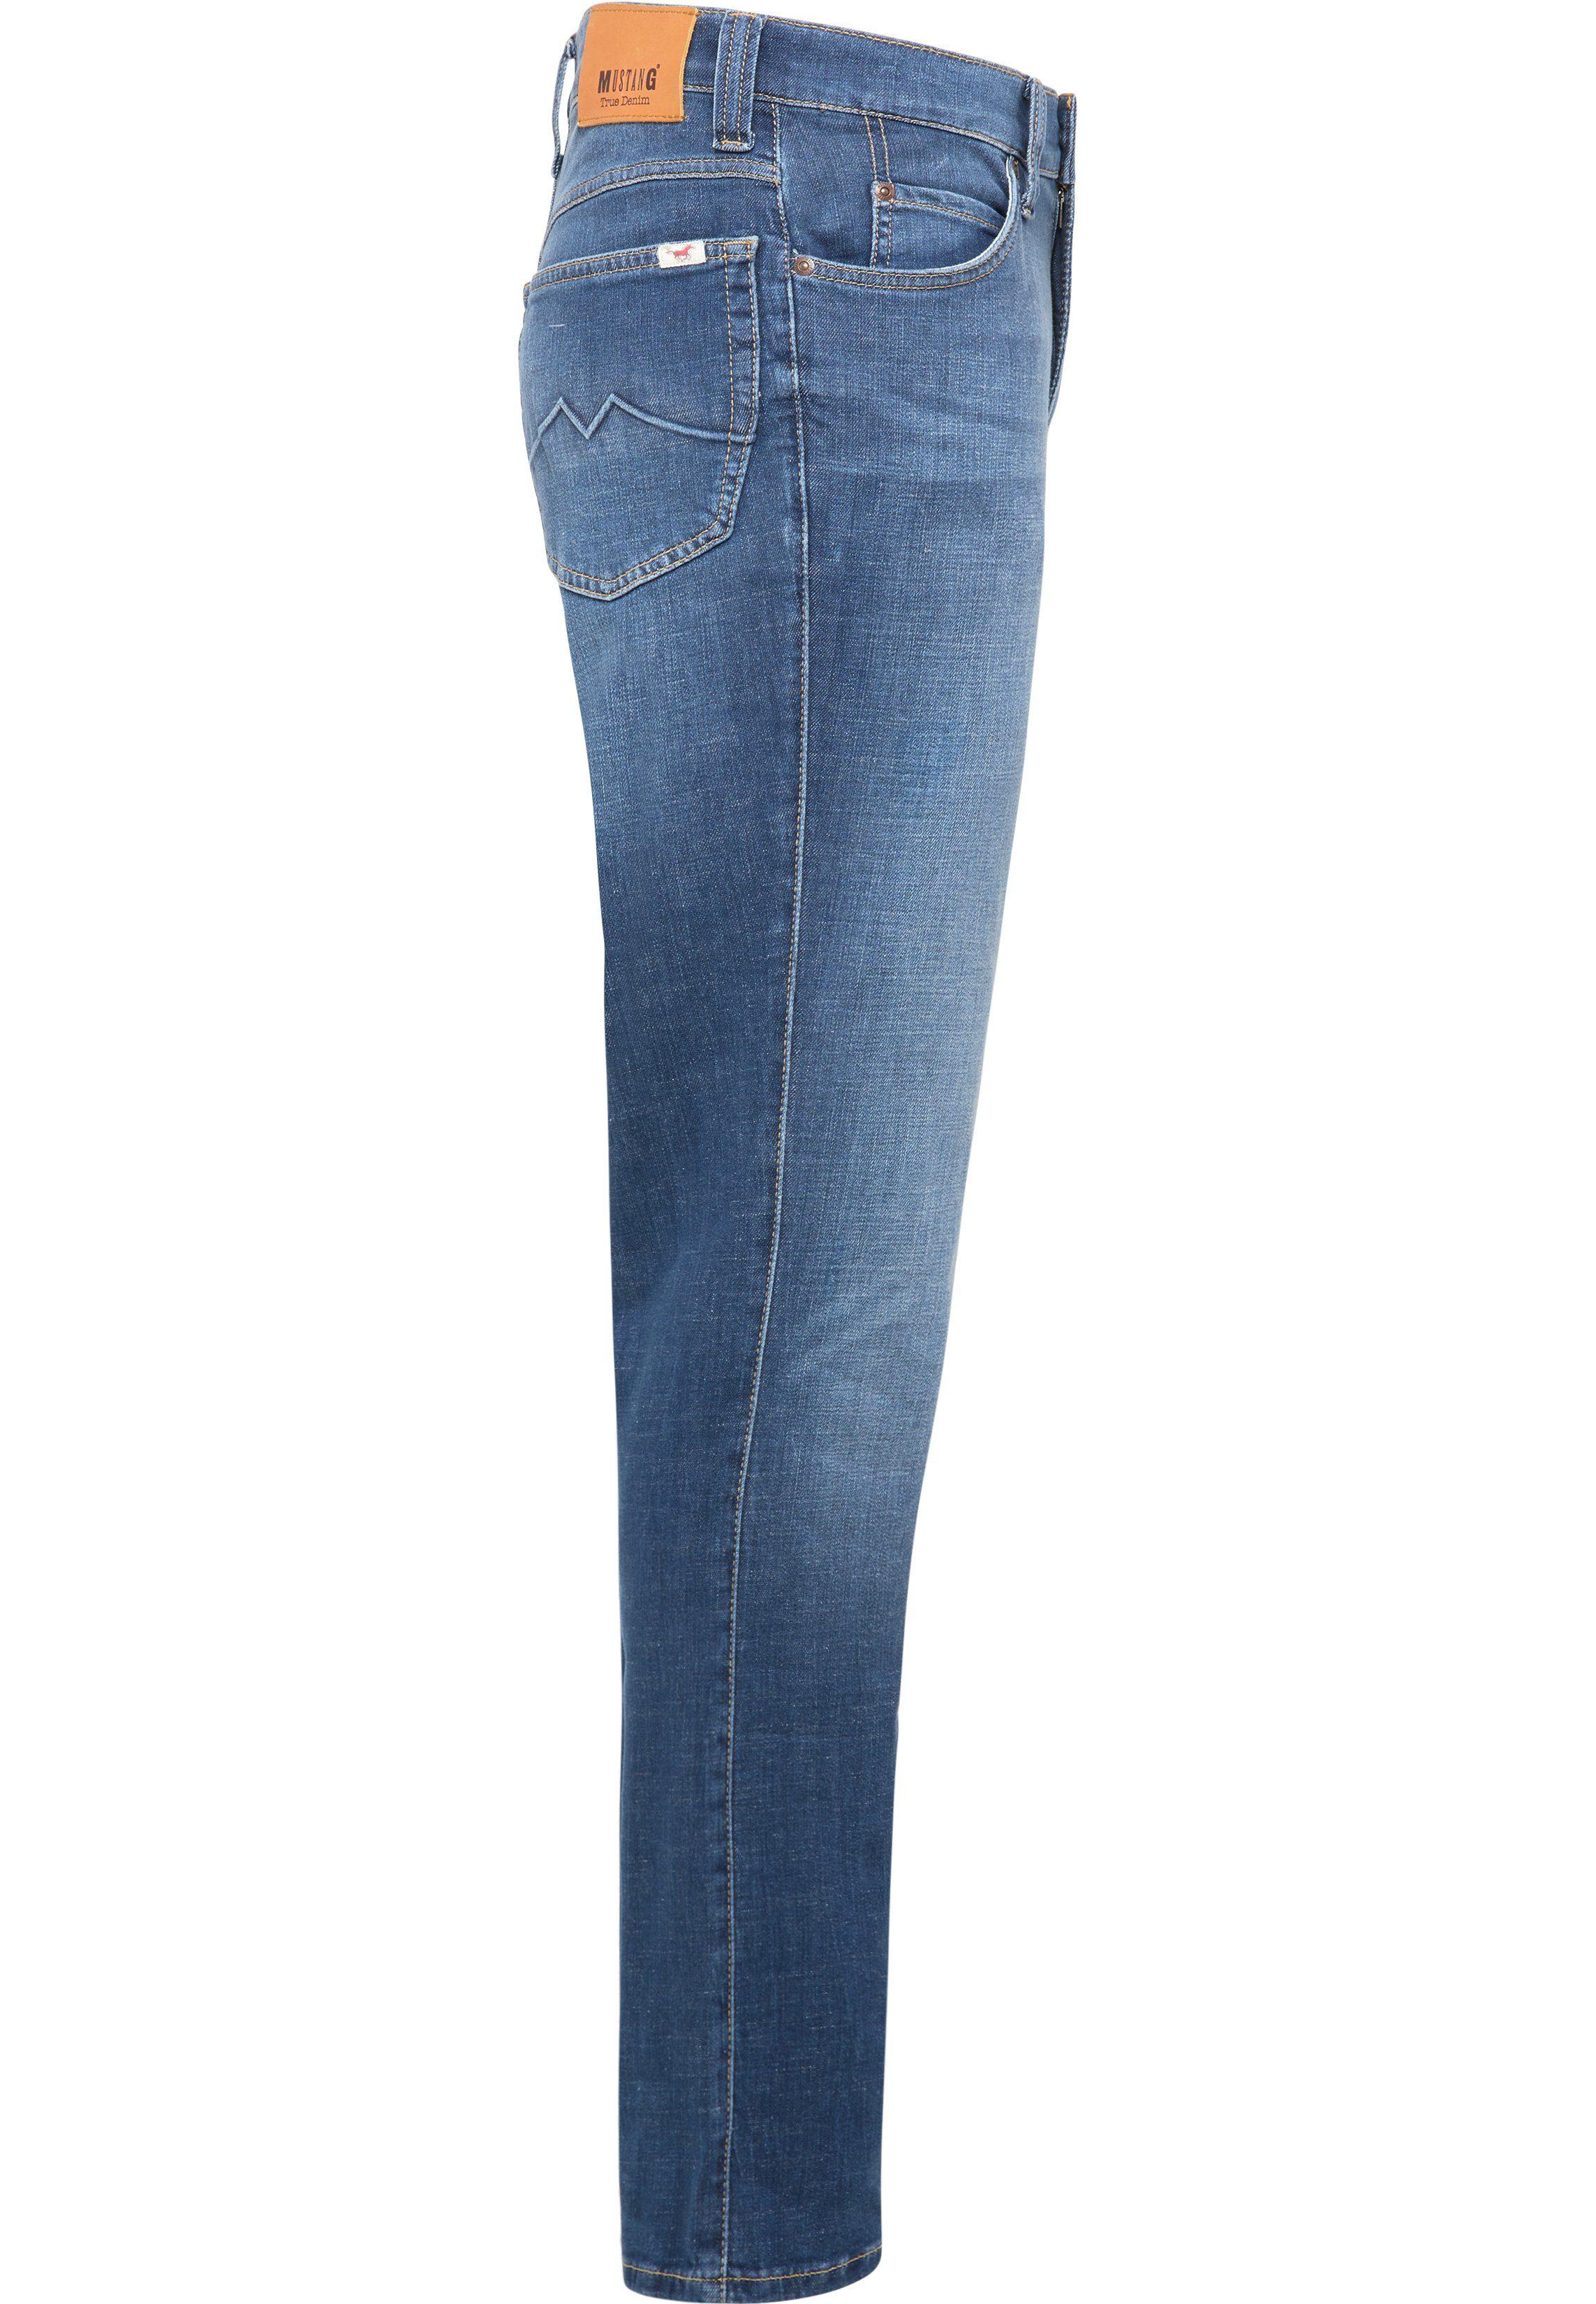 MUSTANG Jeans Hose Tramper, 5-Pocket-Style